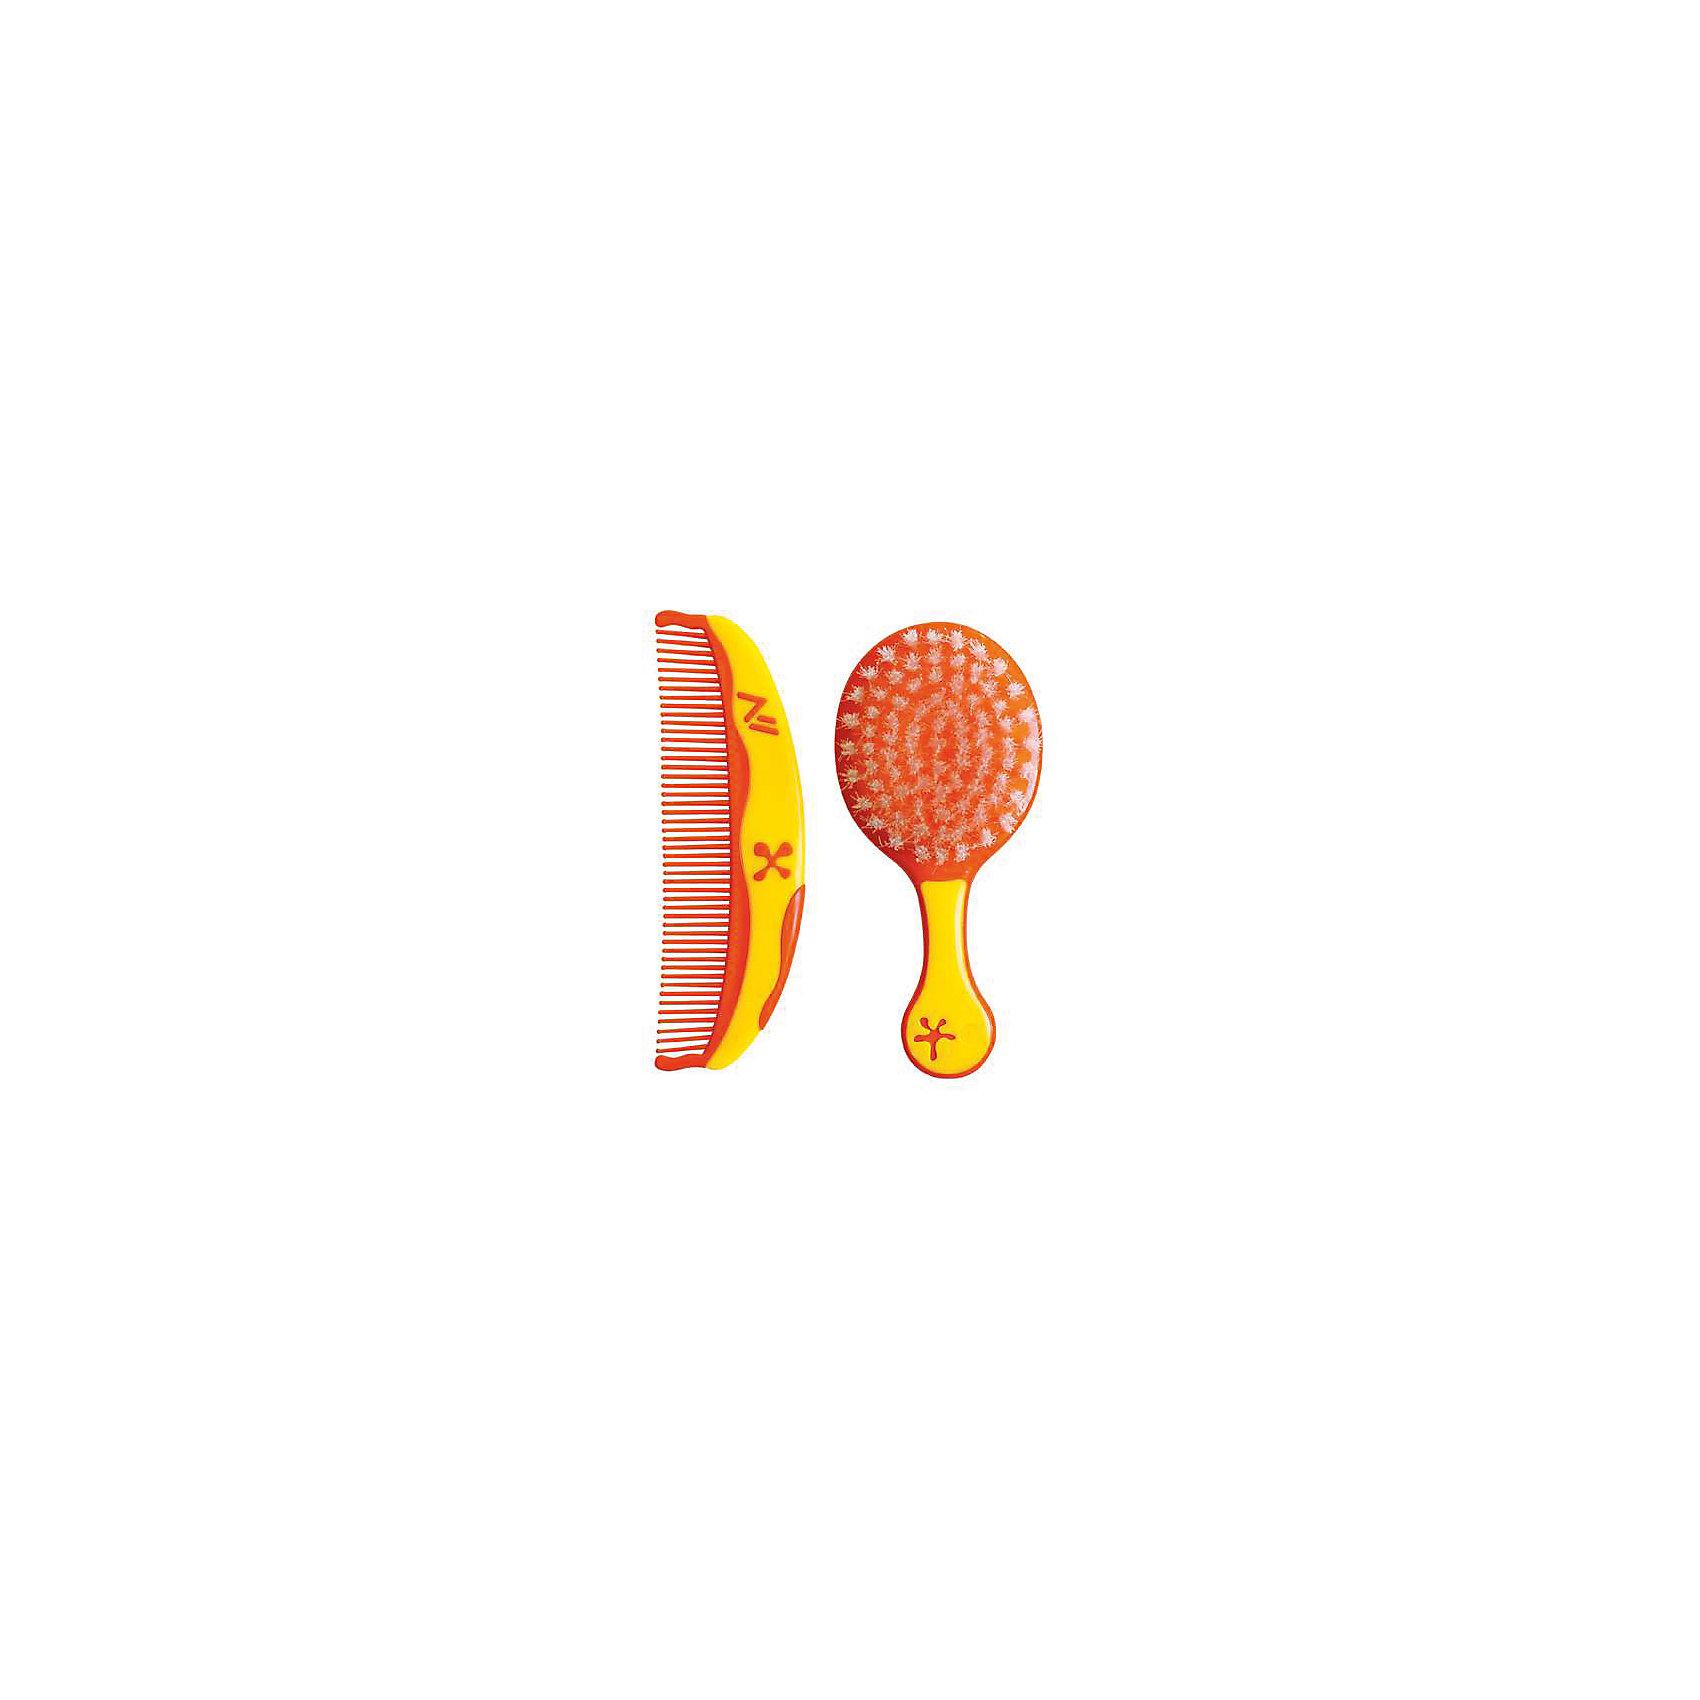 Набор для детей расческа и щетка Звездочки от 0 мес., LUBBY, голубой